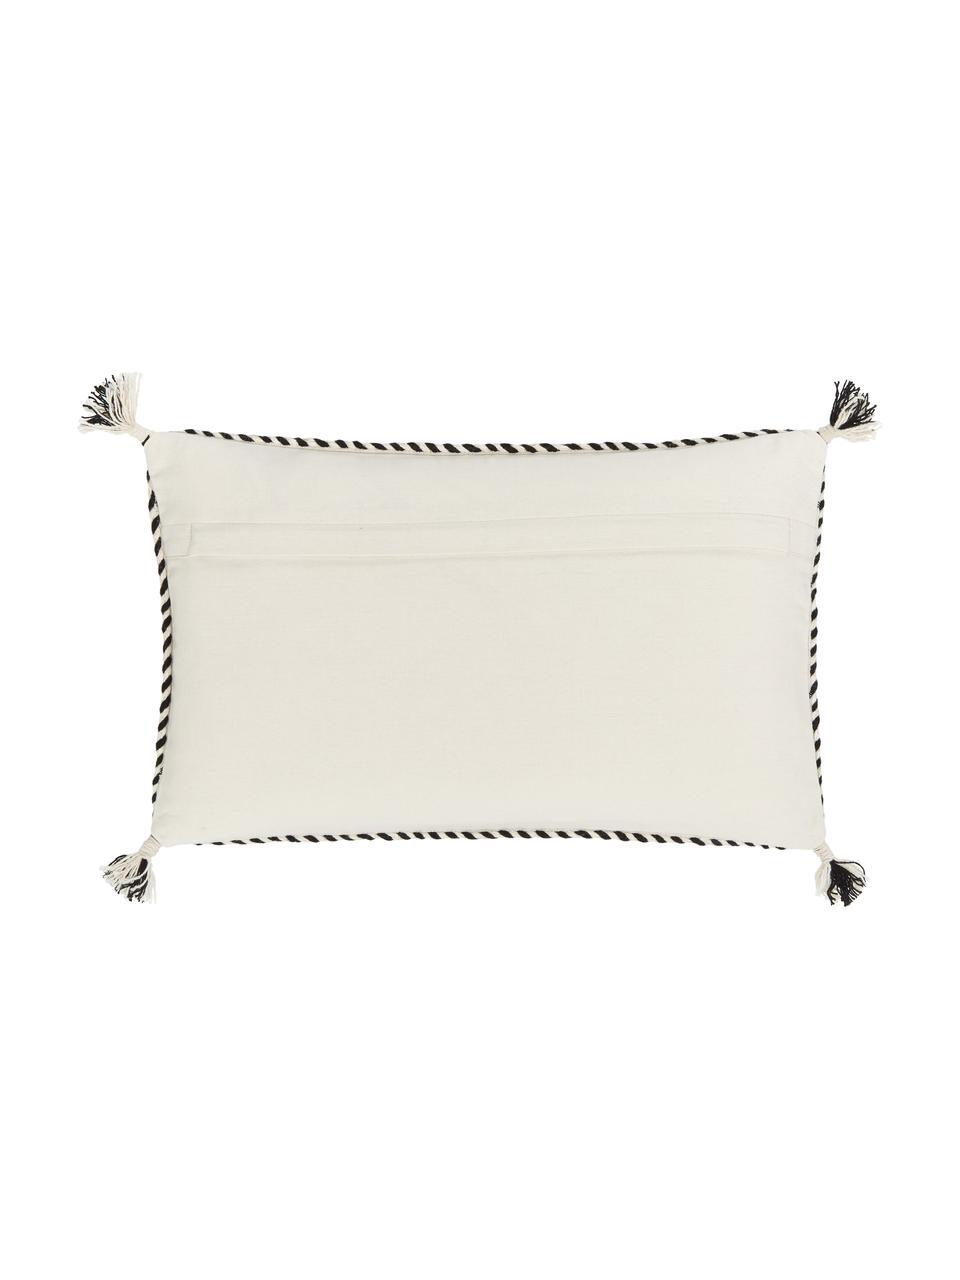 Poszewka na poduszkę z bawełny z chwostami Okiro, 100% bawełna, Beżowy, czarny, S 30 x D 50 cm